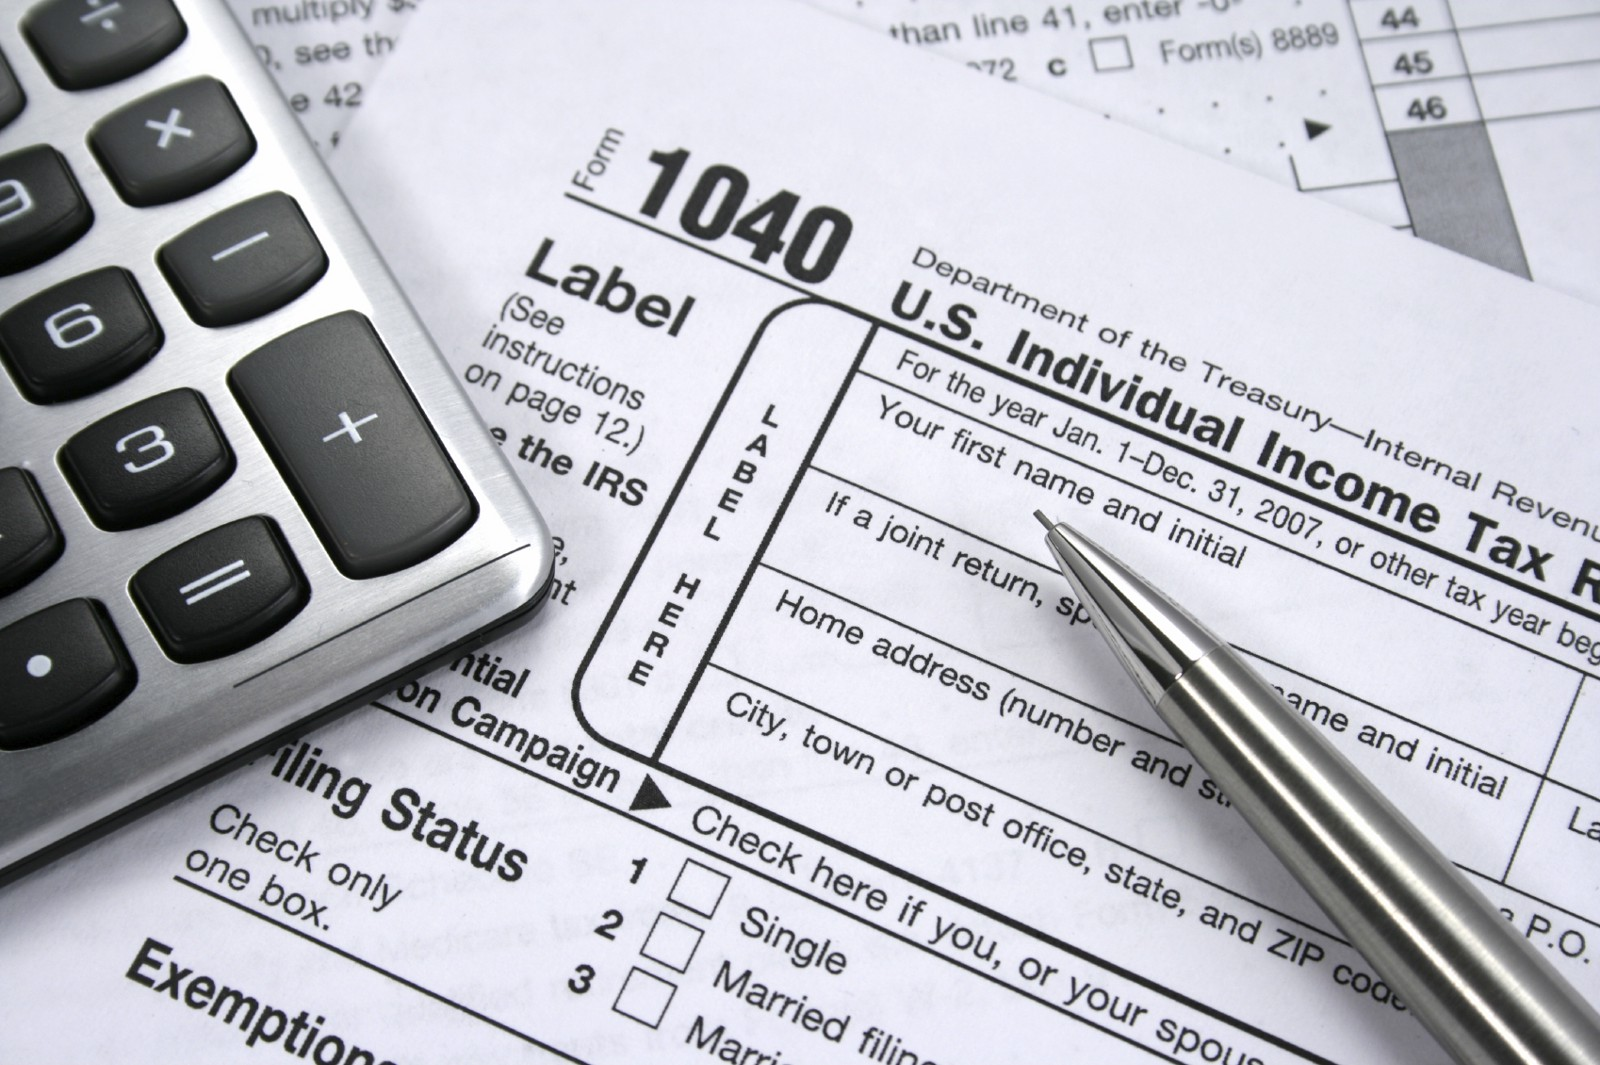 美2019年报税适用减税和就业法案 会产生哪些影响?